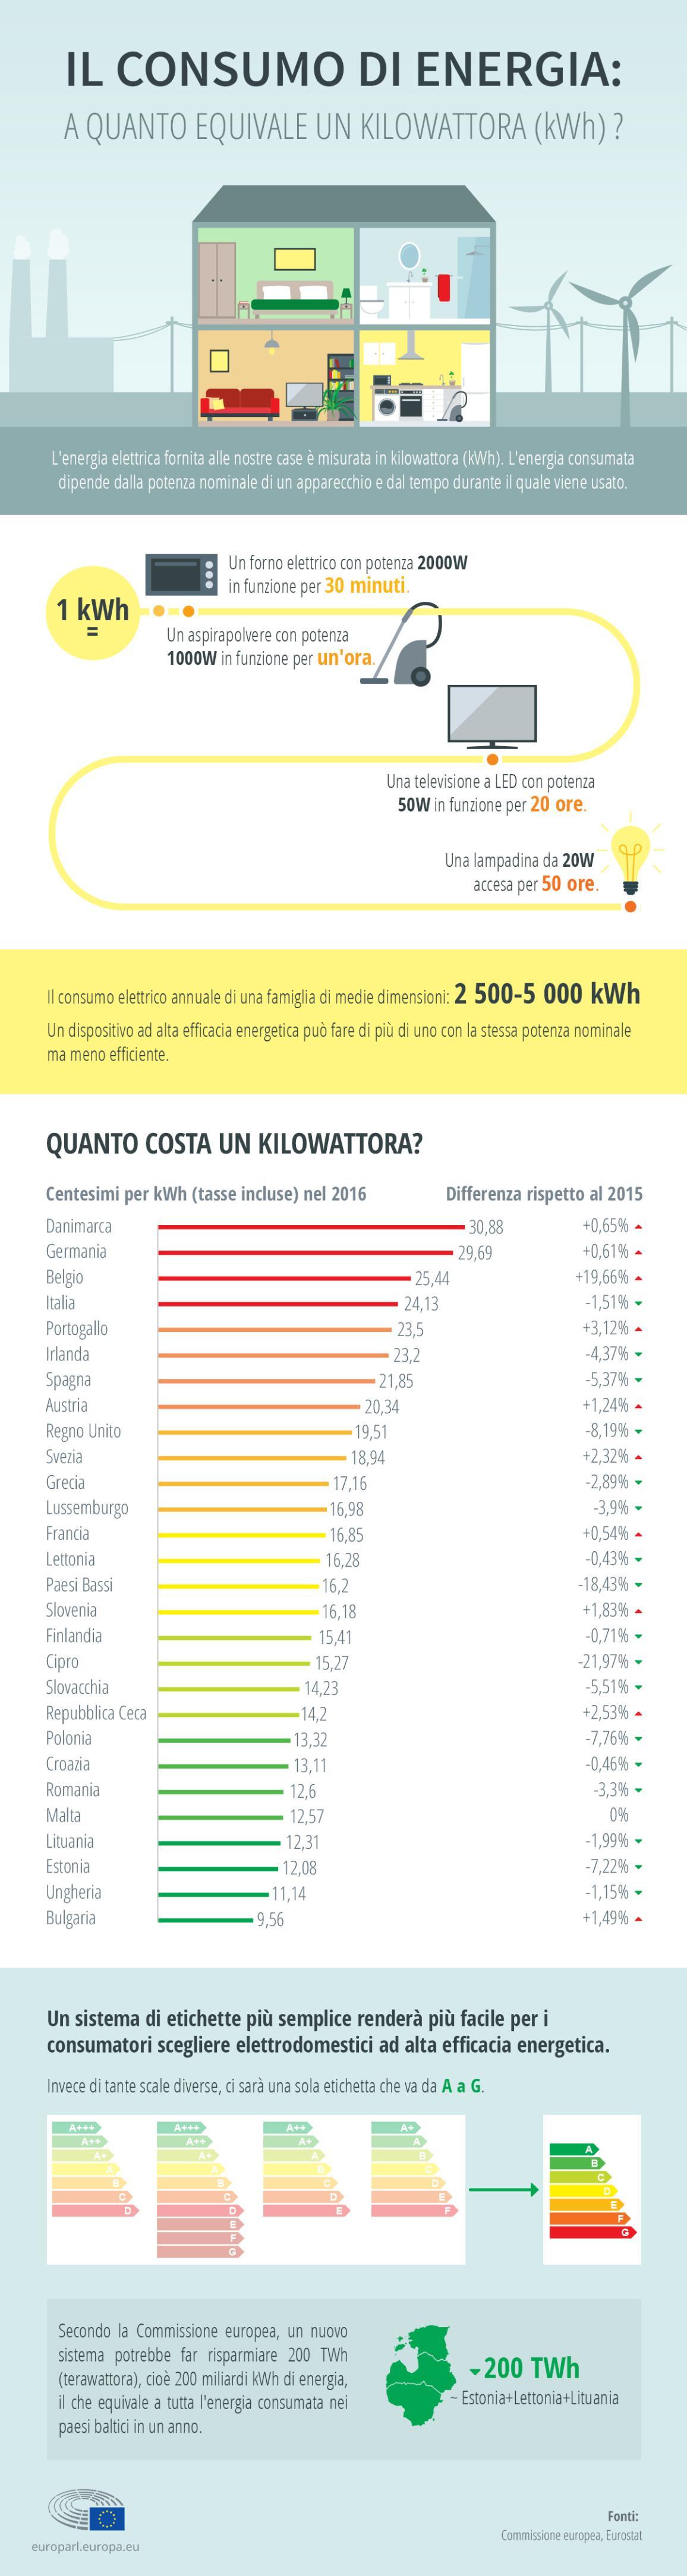 Infografica: ridurre il consumo energetico con le nuove etichette